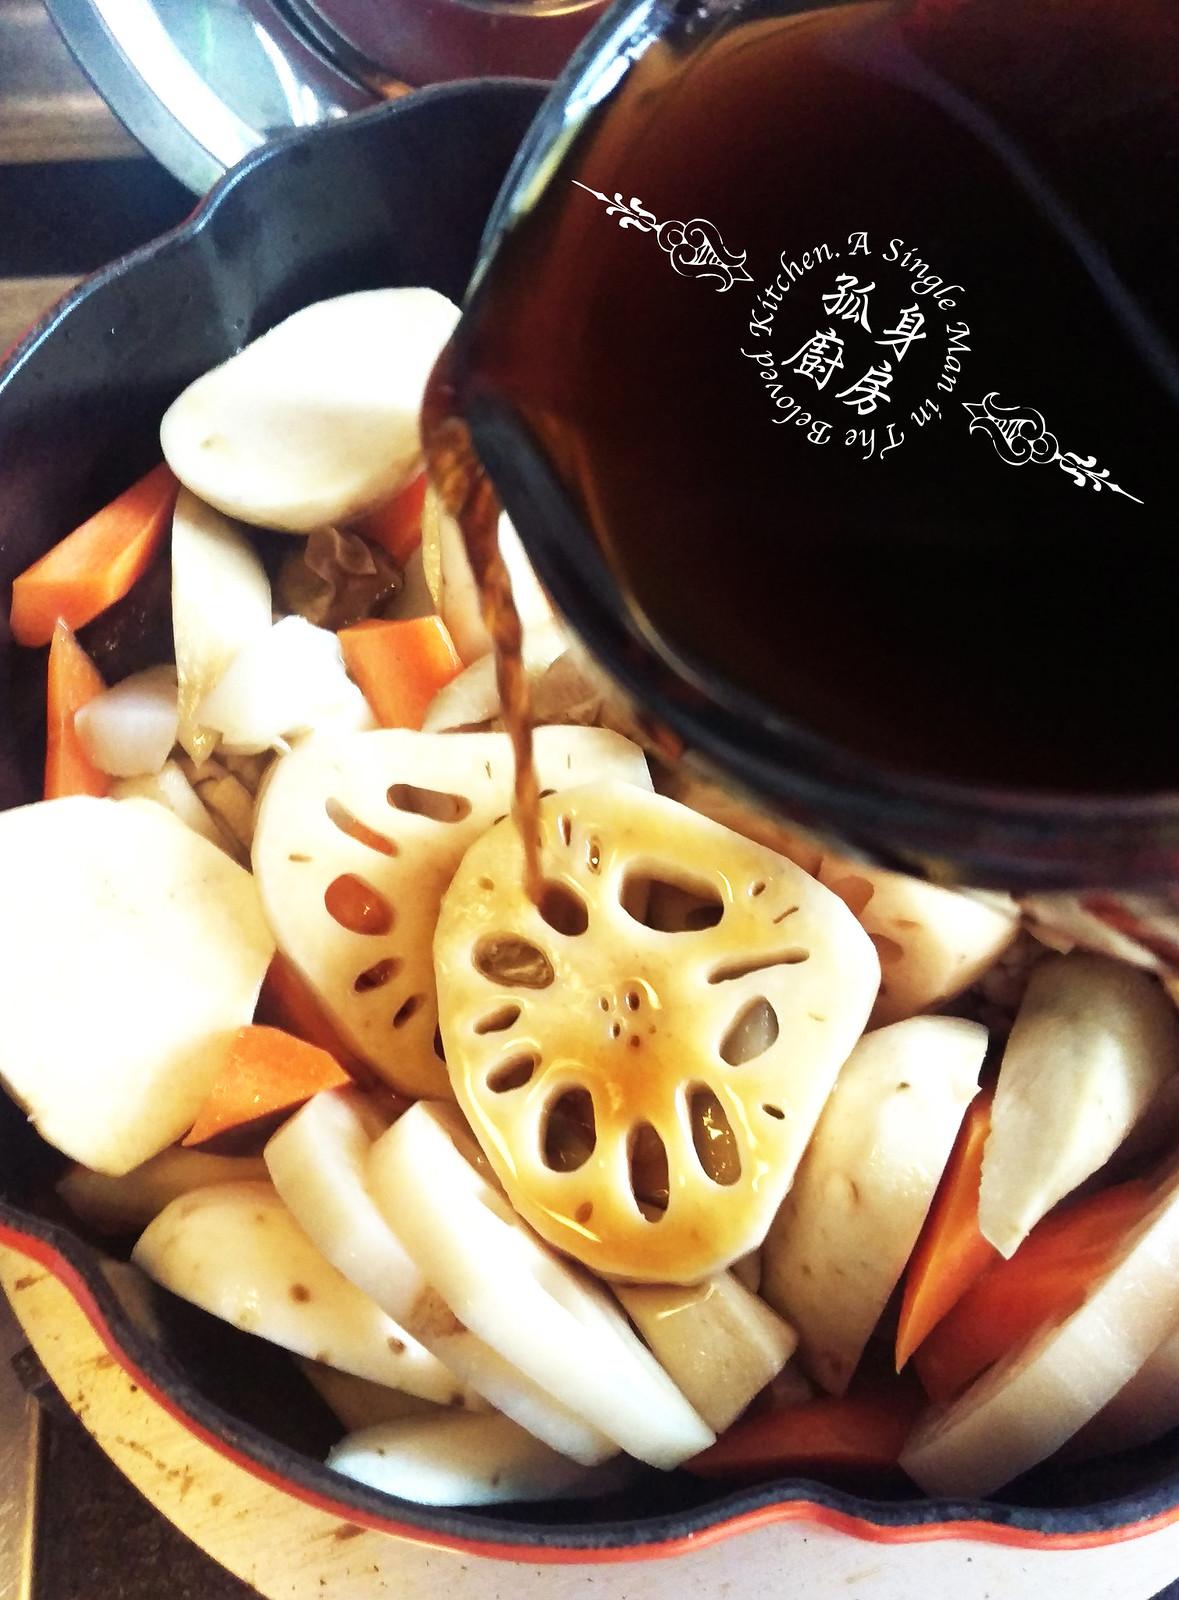 孤身廚房-食譜書《常備菜》試作——筑前煮、醬煮金針菇。甜滋滋溫暖和風味8